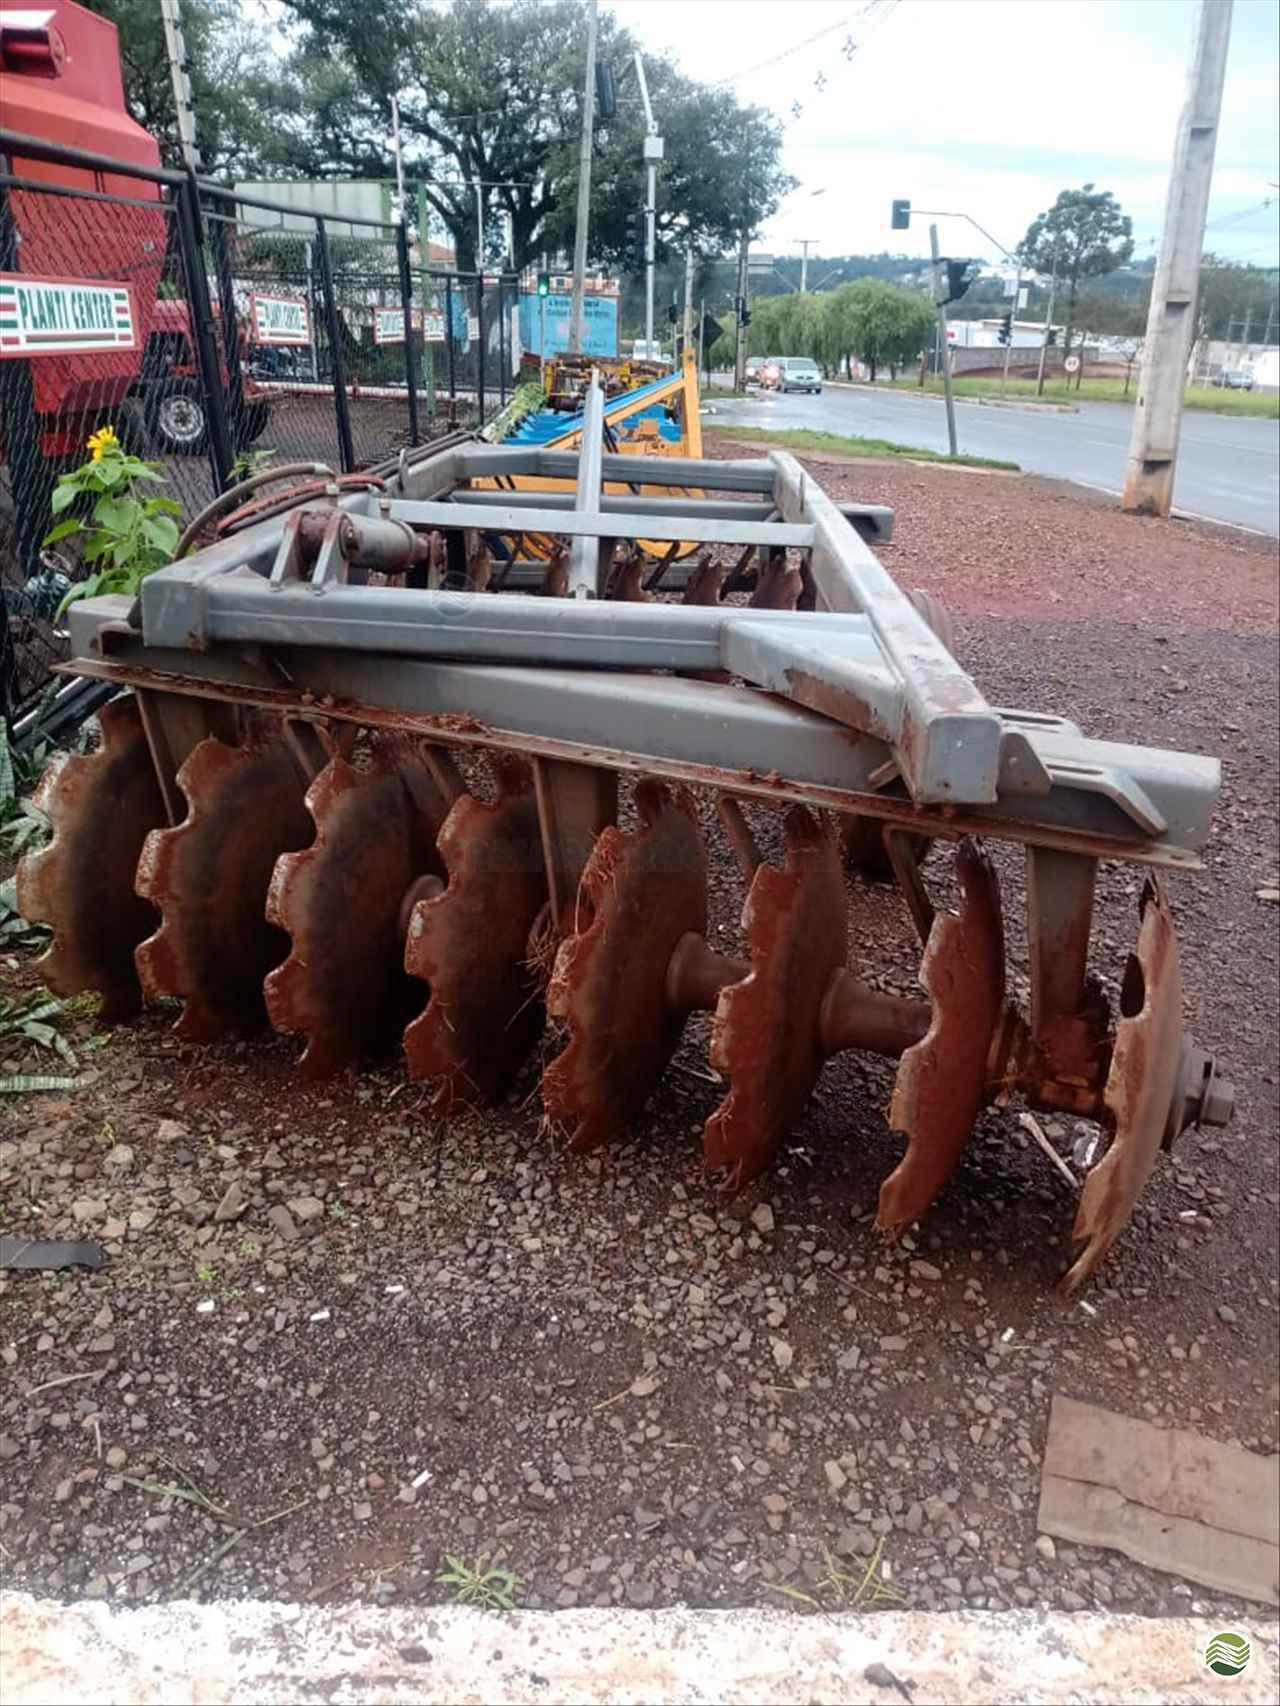 IMPLEMENTOS AGRICOLAS GRADE ARADORA ARADORA 16 DISCOS Campal Máquinas CAMPO MOURAO PARANÁ PR